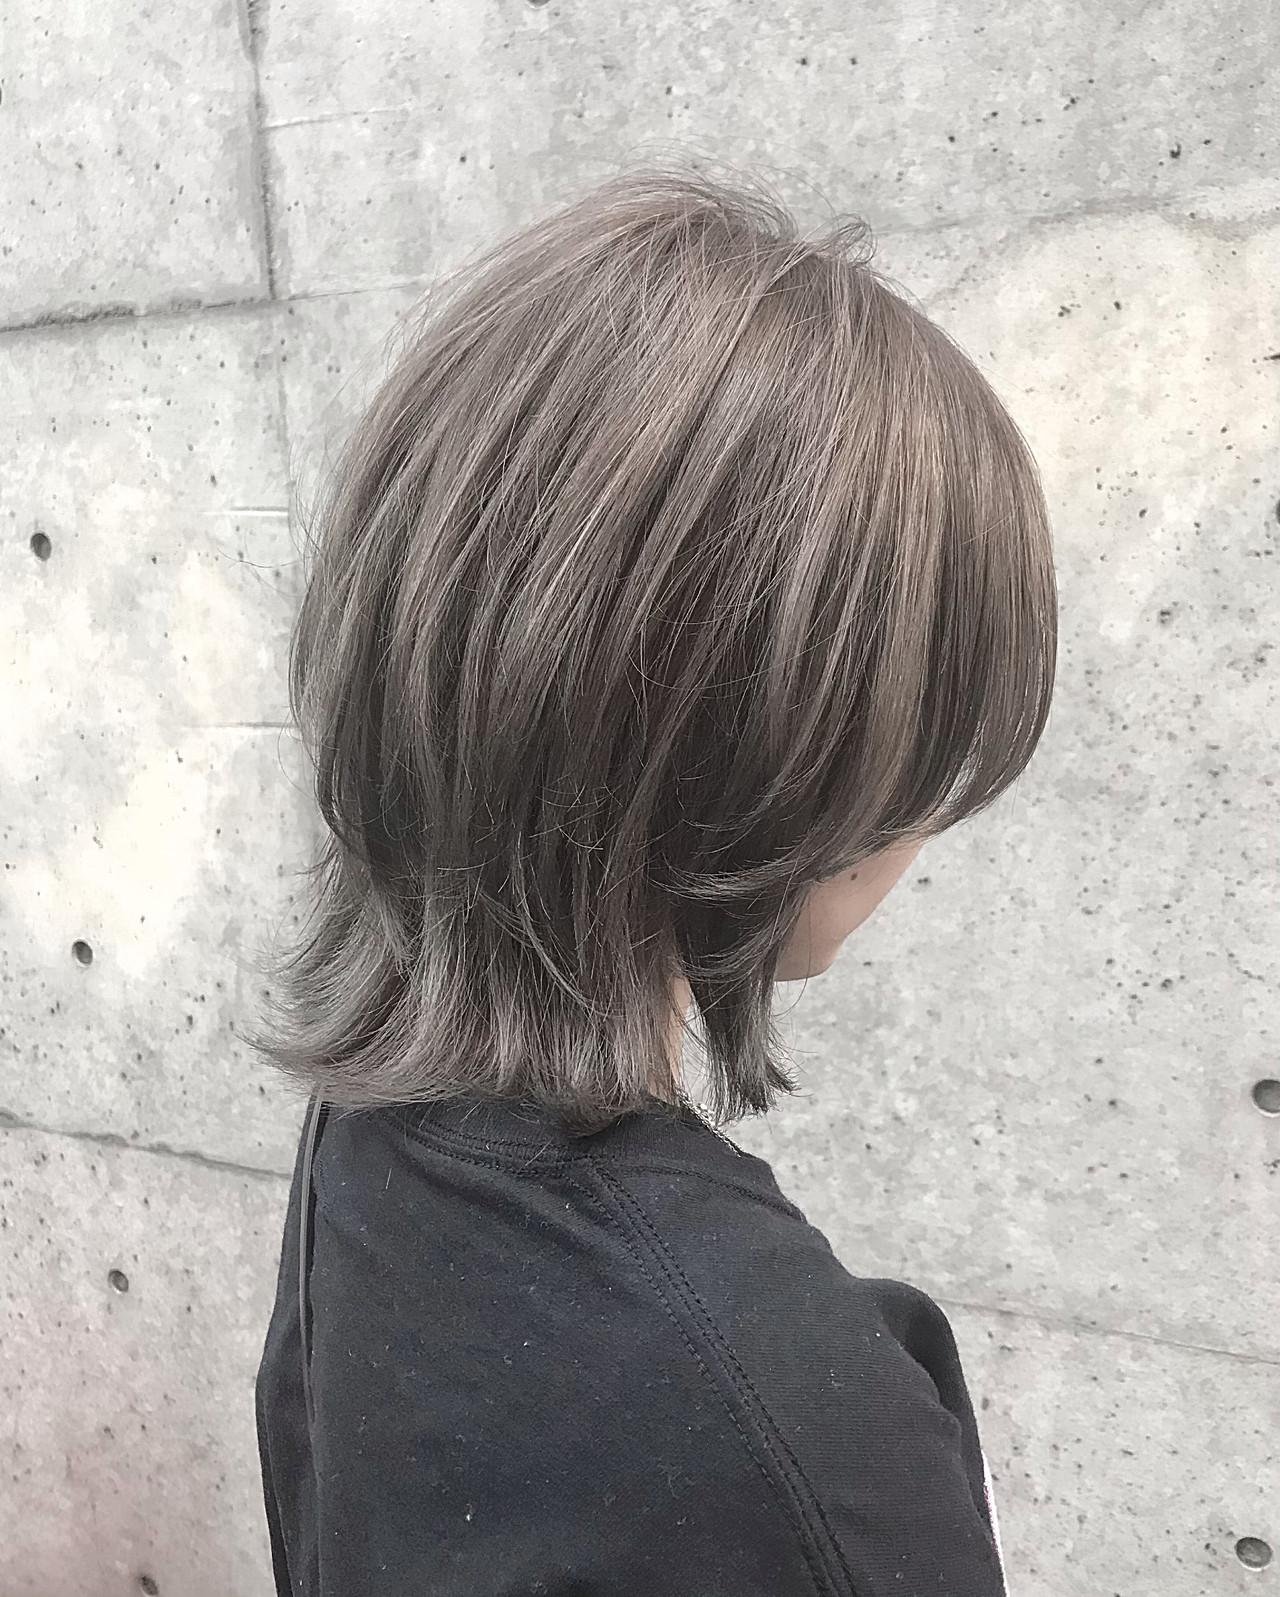 グレーアッシュ ナチュラル アッシュベージュ ボブ ヘアスタイルや髪型の写真・画像 | mami / white.